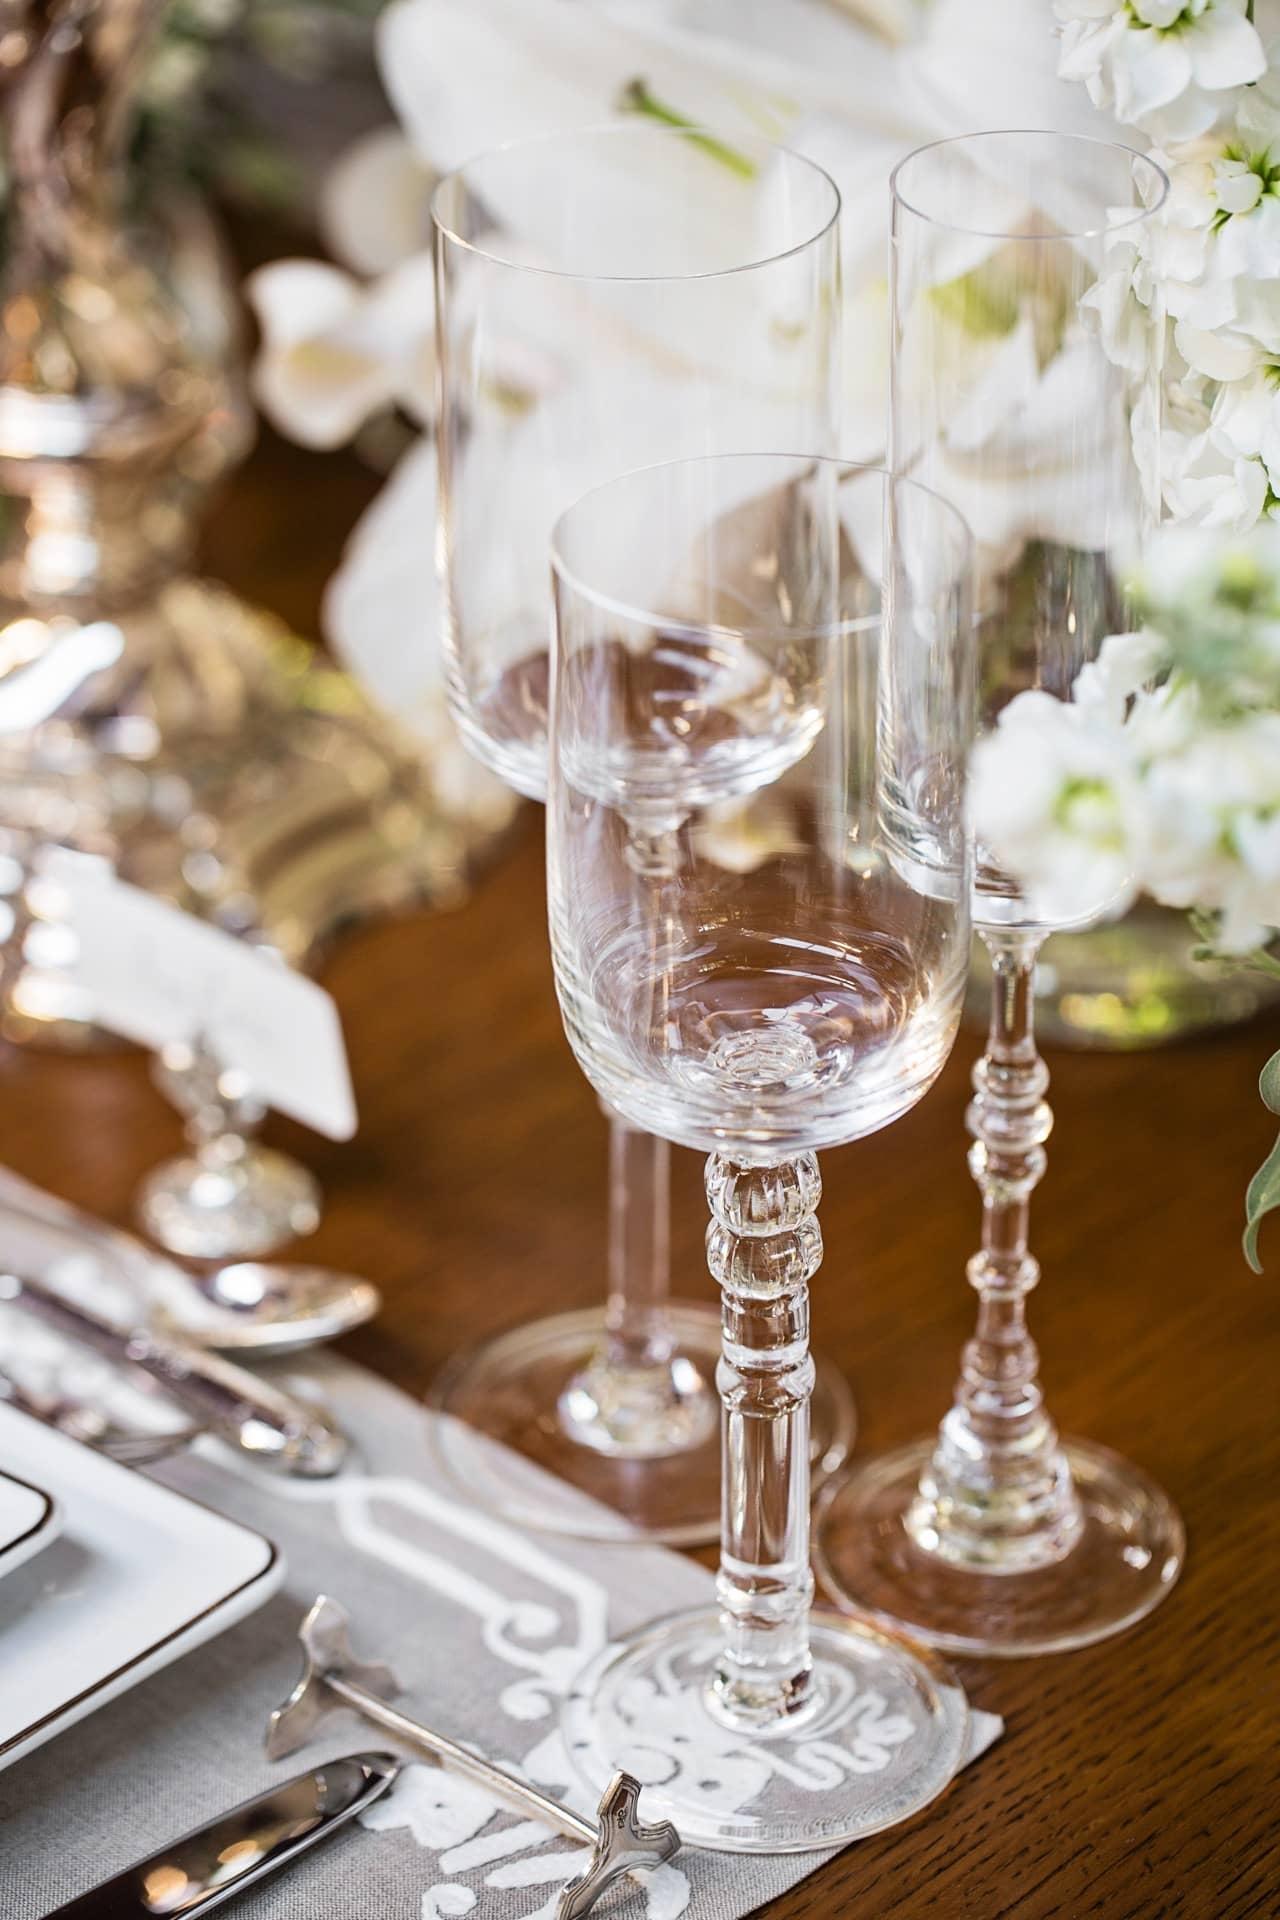 Imagem: Para brindar em grande estilo, sugerimos as charmosíssimas taças de cristalda coleção Classic 250, da Oxford Crystal. Cada uma delas tem hastes com detalhes diferentes, inspirados na arquitetura paulistana. Foto: Elisa Correa.